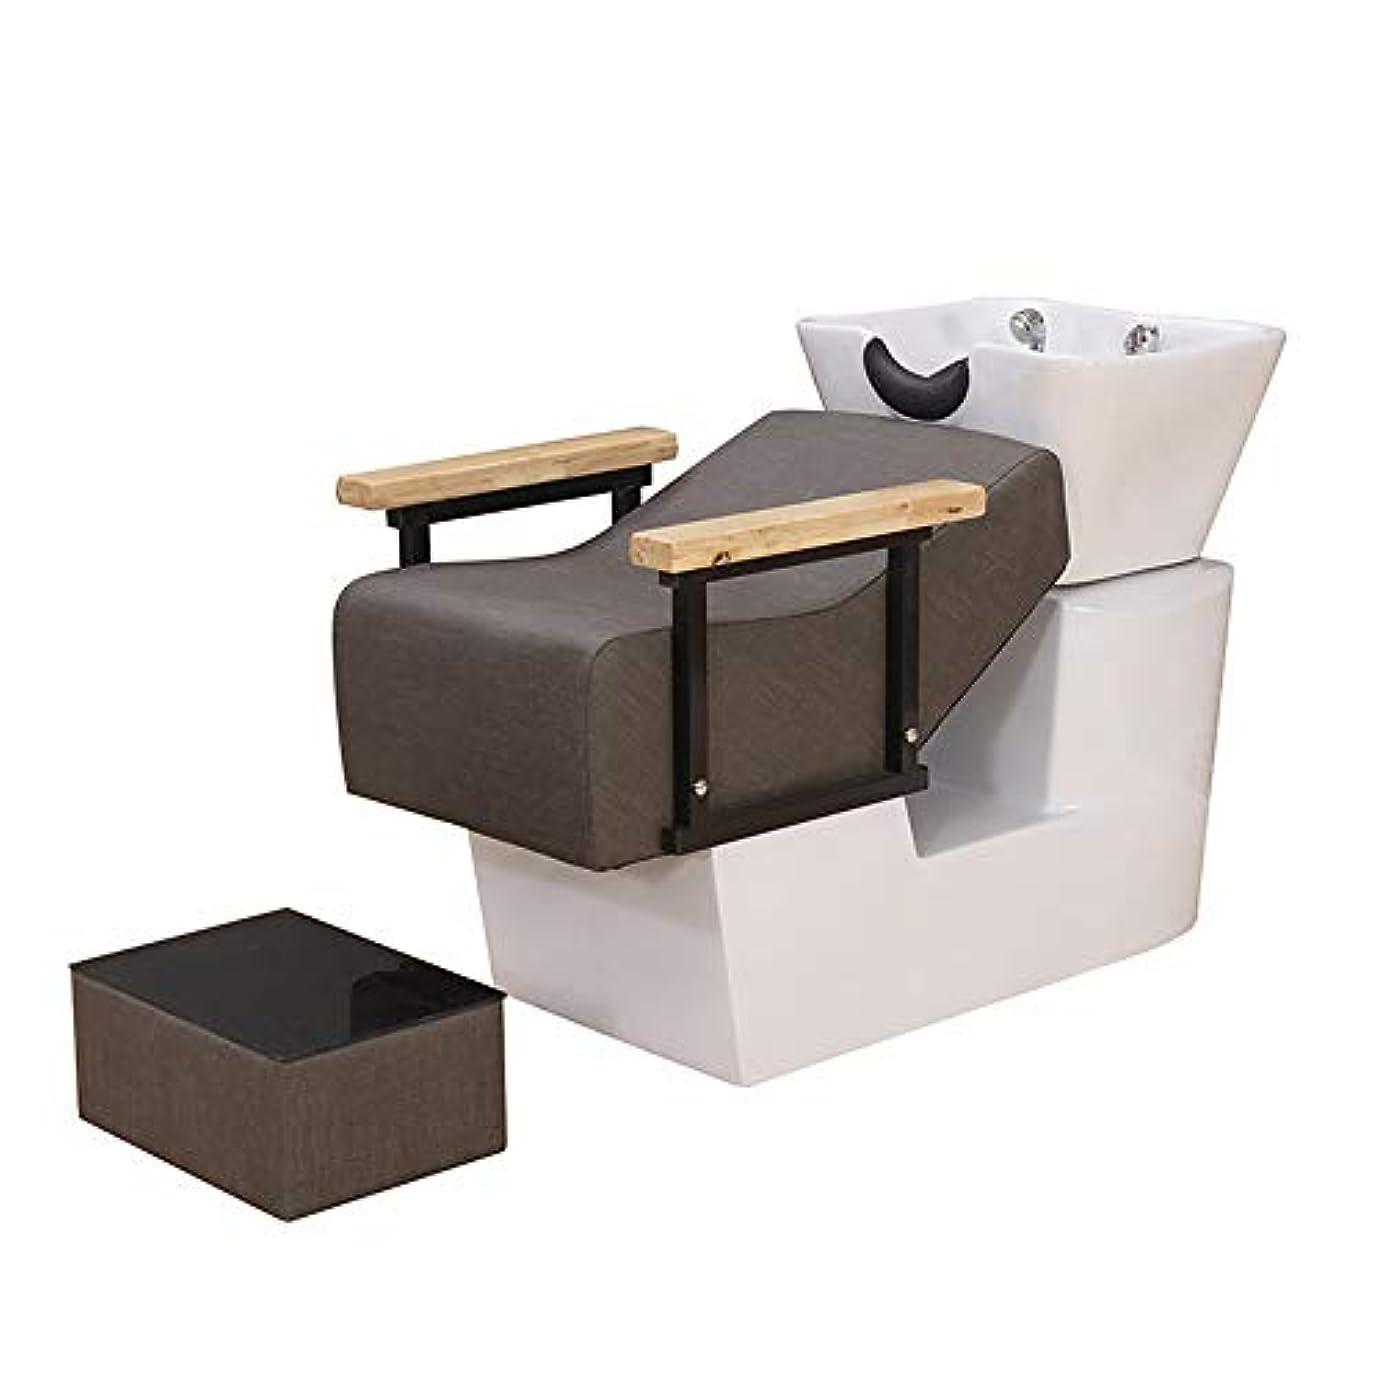 礼拝短くする近傍シャンプーチェア、逆洗ユニットシャンプーボウル理髪シンクシンクチェア用スパ美容院機器用半埋め込みフラッシュベッド